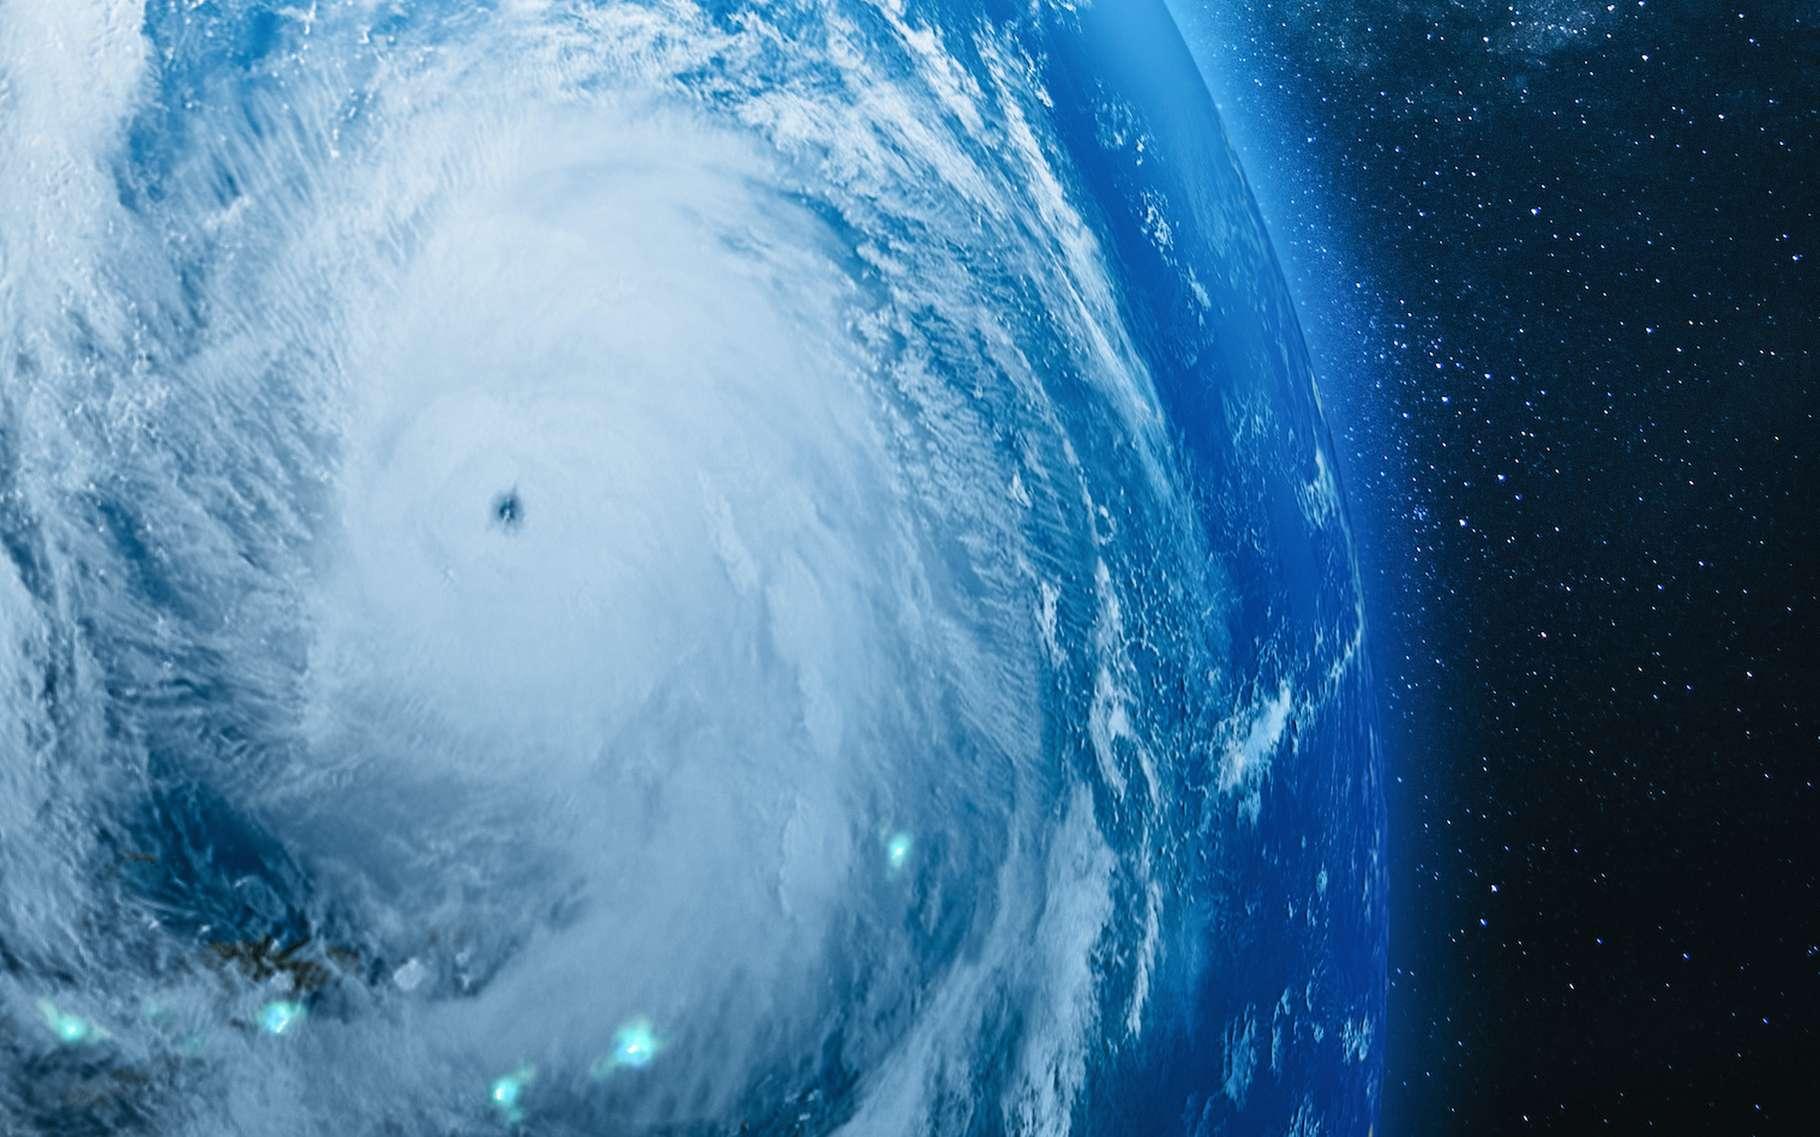 Sur Terre comme sur d'autres planètes, les ouragans comme celui-ci sont fréquents. Mais pour la première fois, des chercheurs de l'université de Reading (Royaume-Uni) ont observé un ouragan spatial, dans la haute atmosphère de notre Planète. © OSORIOartist, Adobe Stock